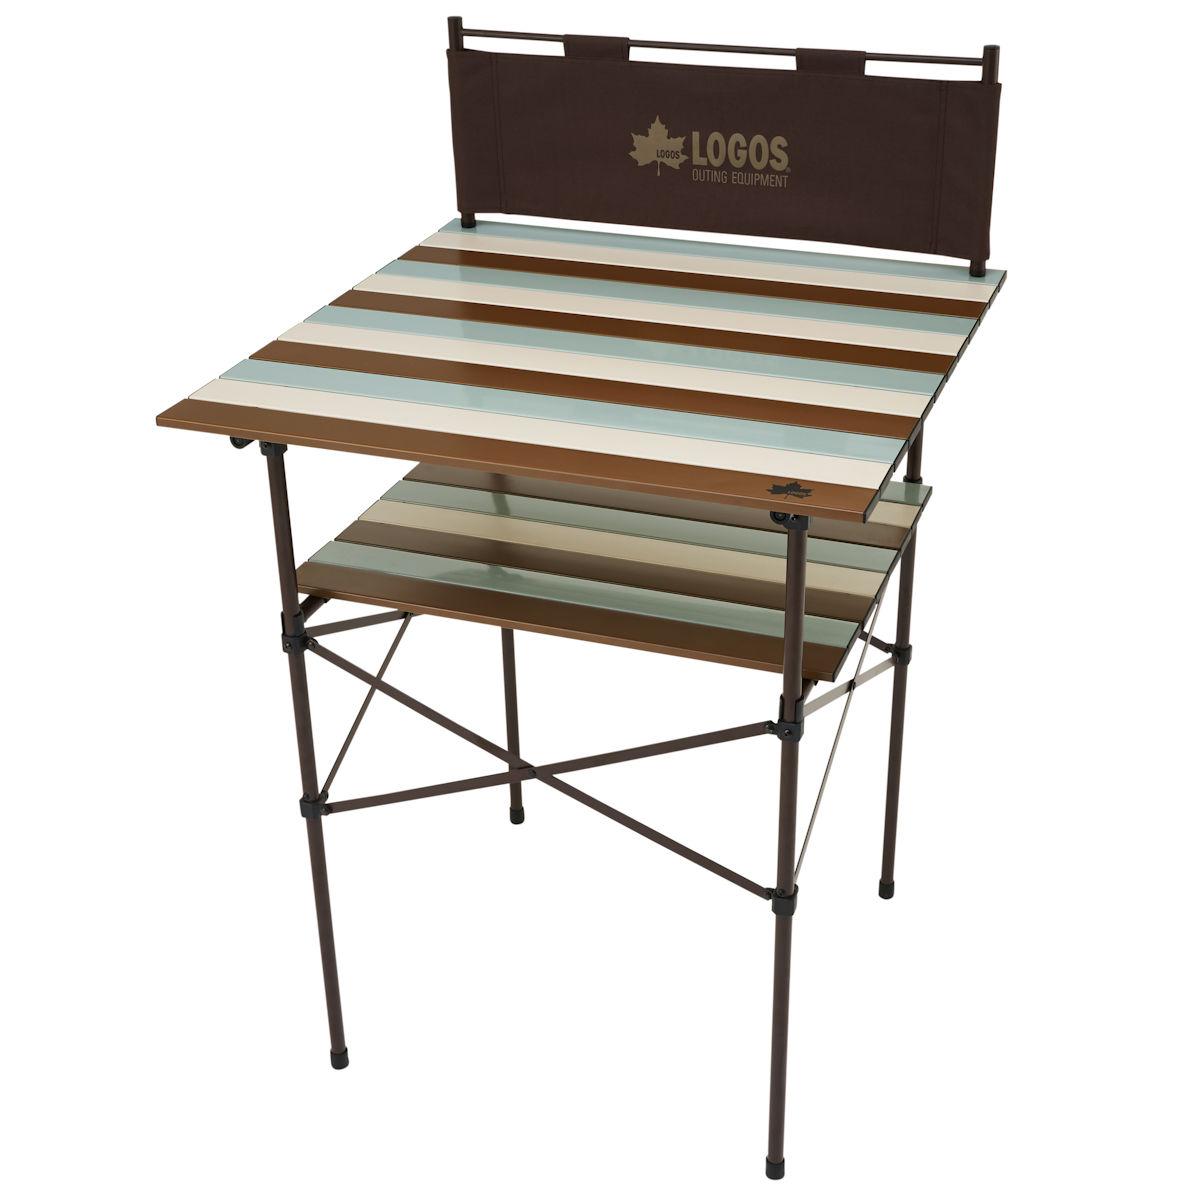 ロゴス(LOGOS) フォールディングテーブル LOGOS Life キッチンパーティーカウンター 7070(ヴィンテージ) 73188011 ファニチャー(テーブル イス) テーブル 机 キャンプ アウトドア